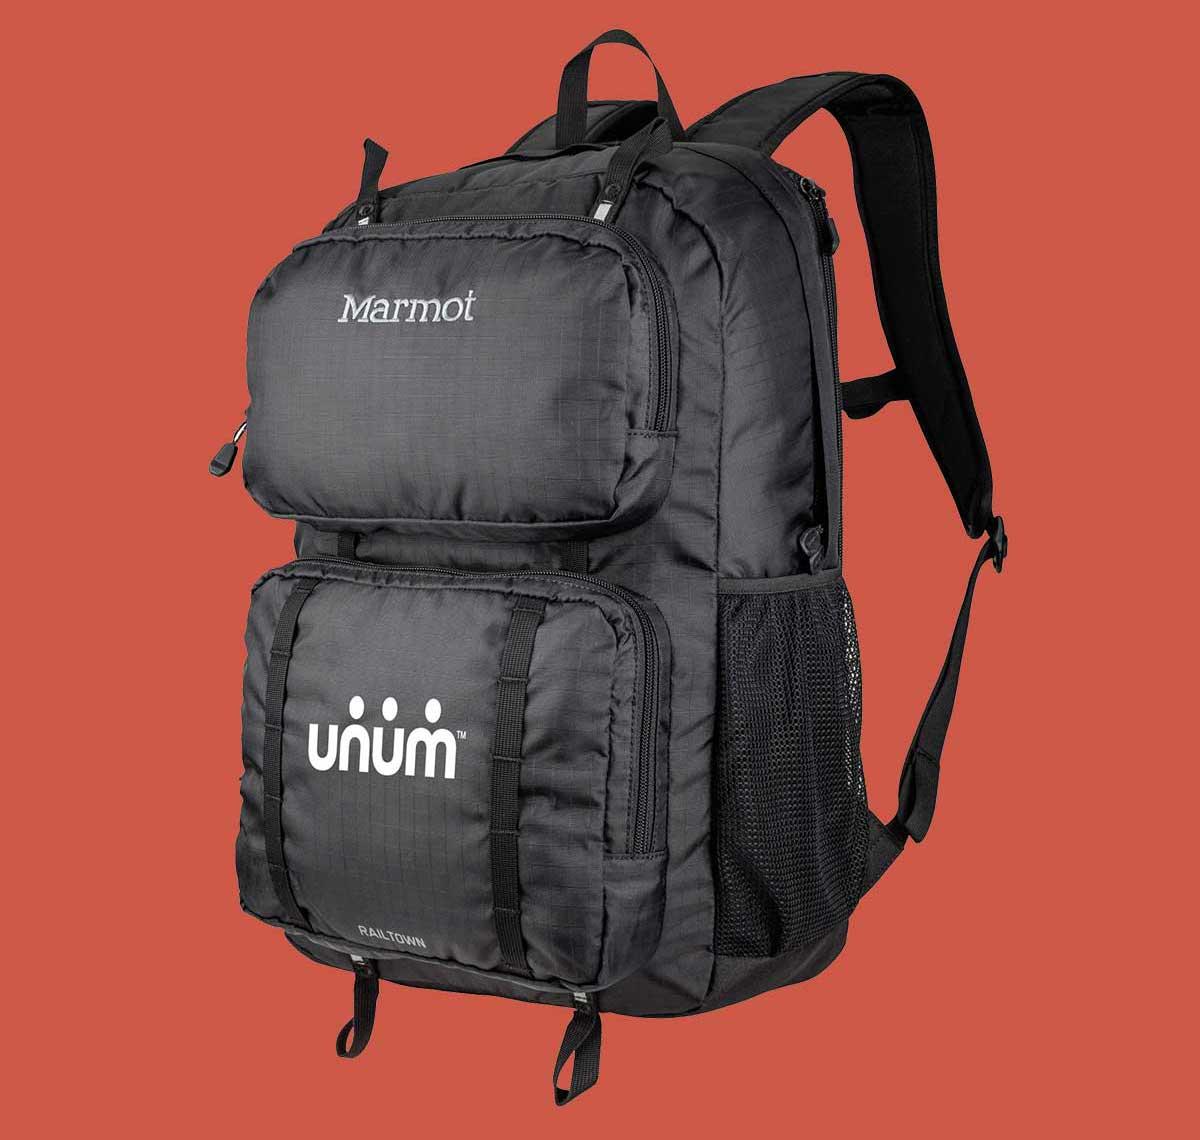 Unum Marmot Railtown Pack